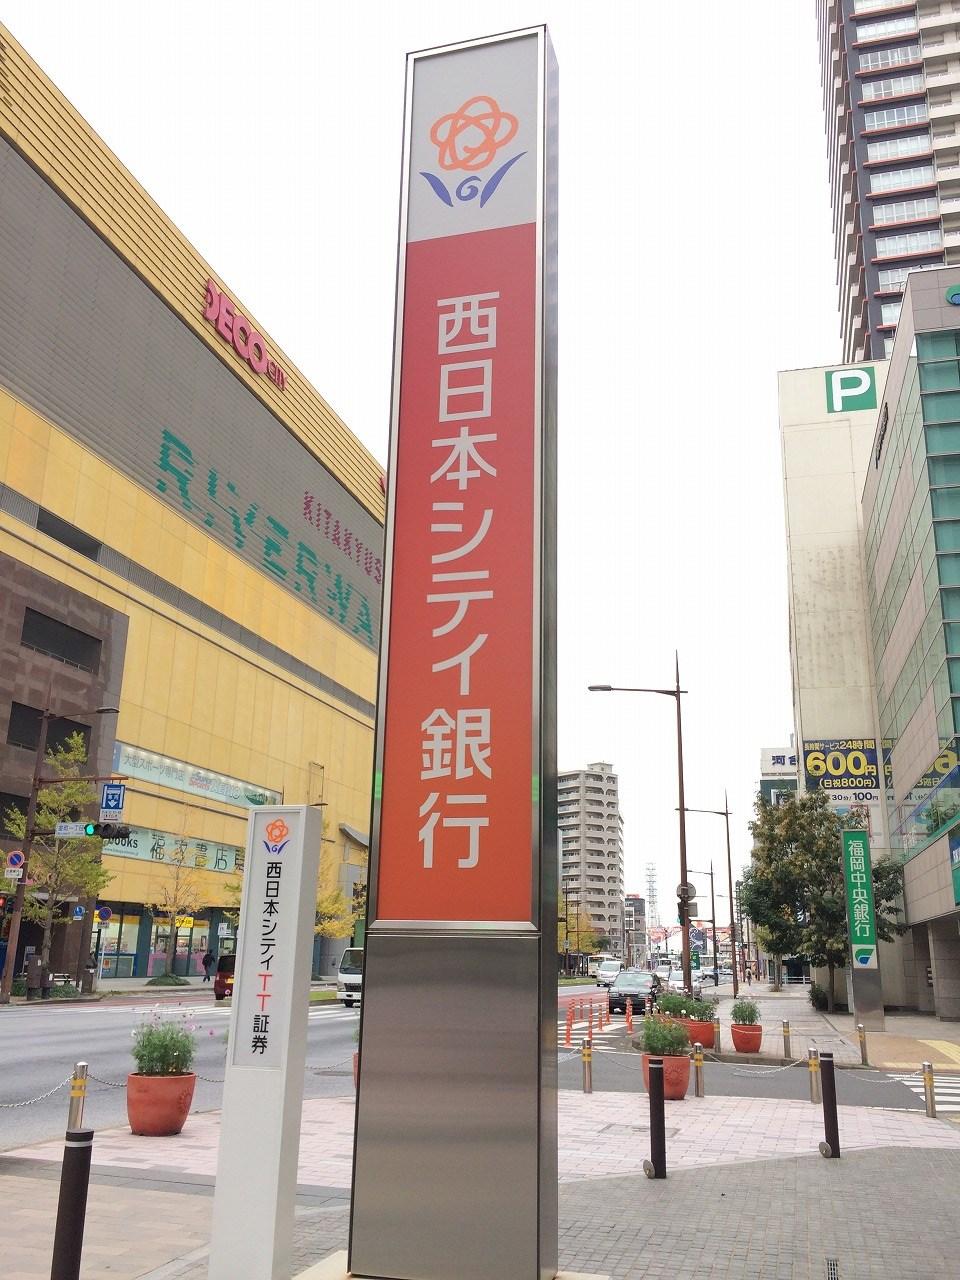 銀行:西日本シティ銀行 マルショク富野店 759m